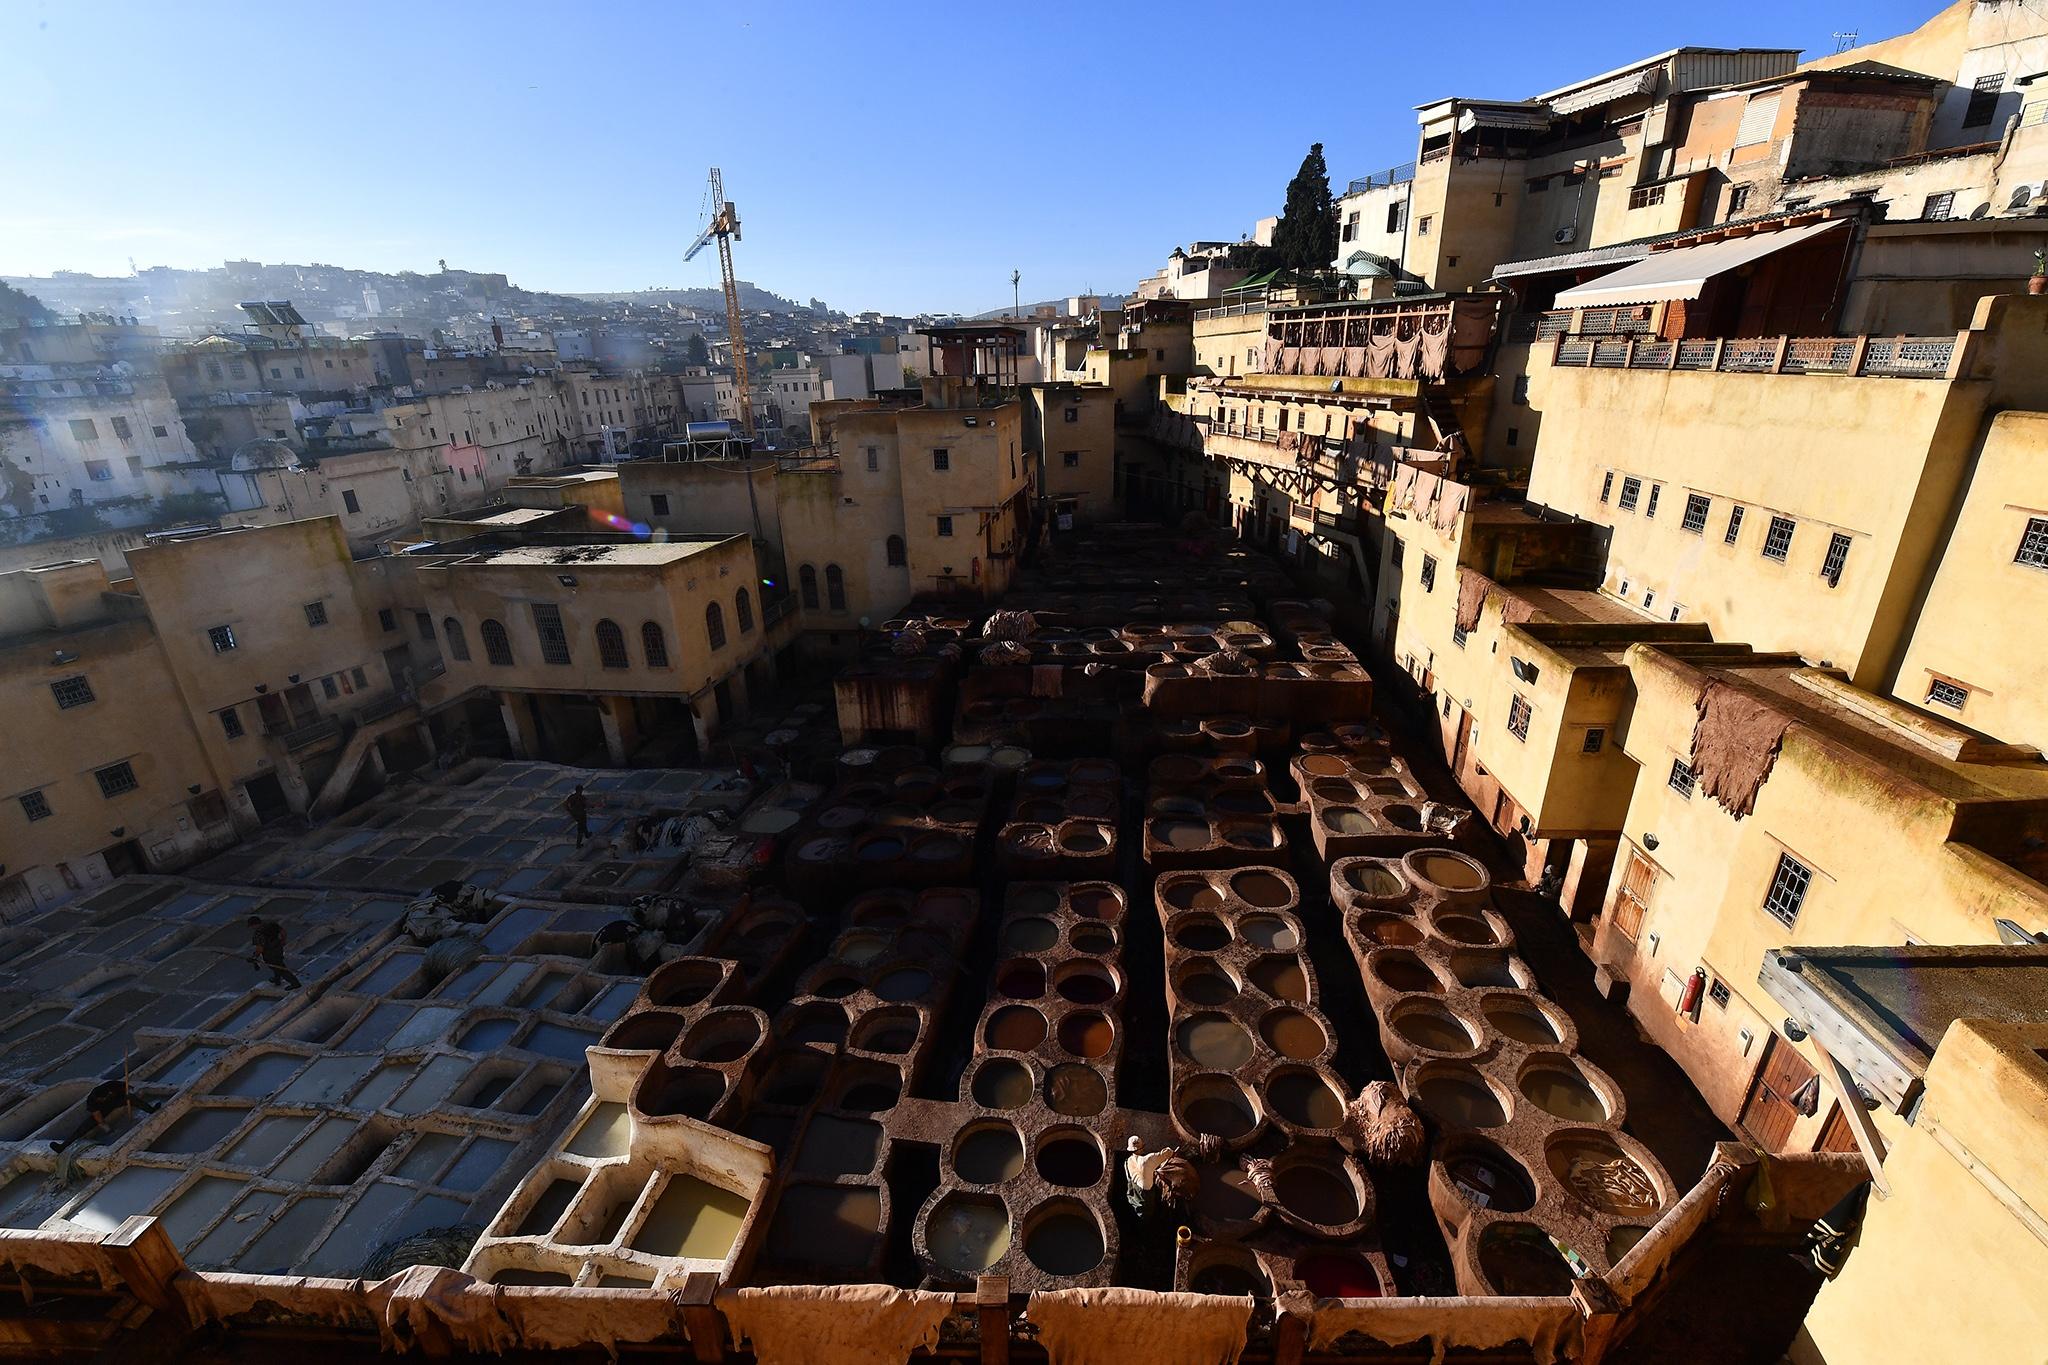 Mua dong o xu so lanh gia Morocco hinh anh 26